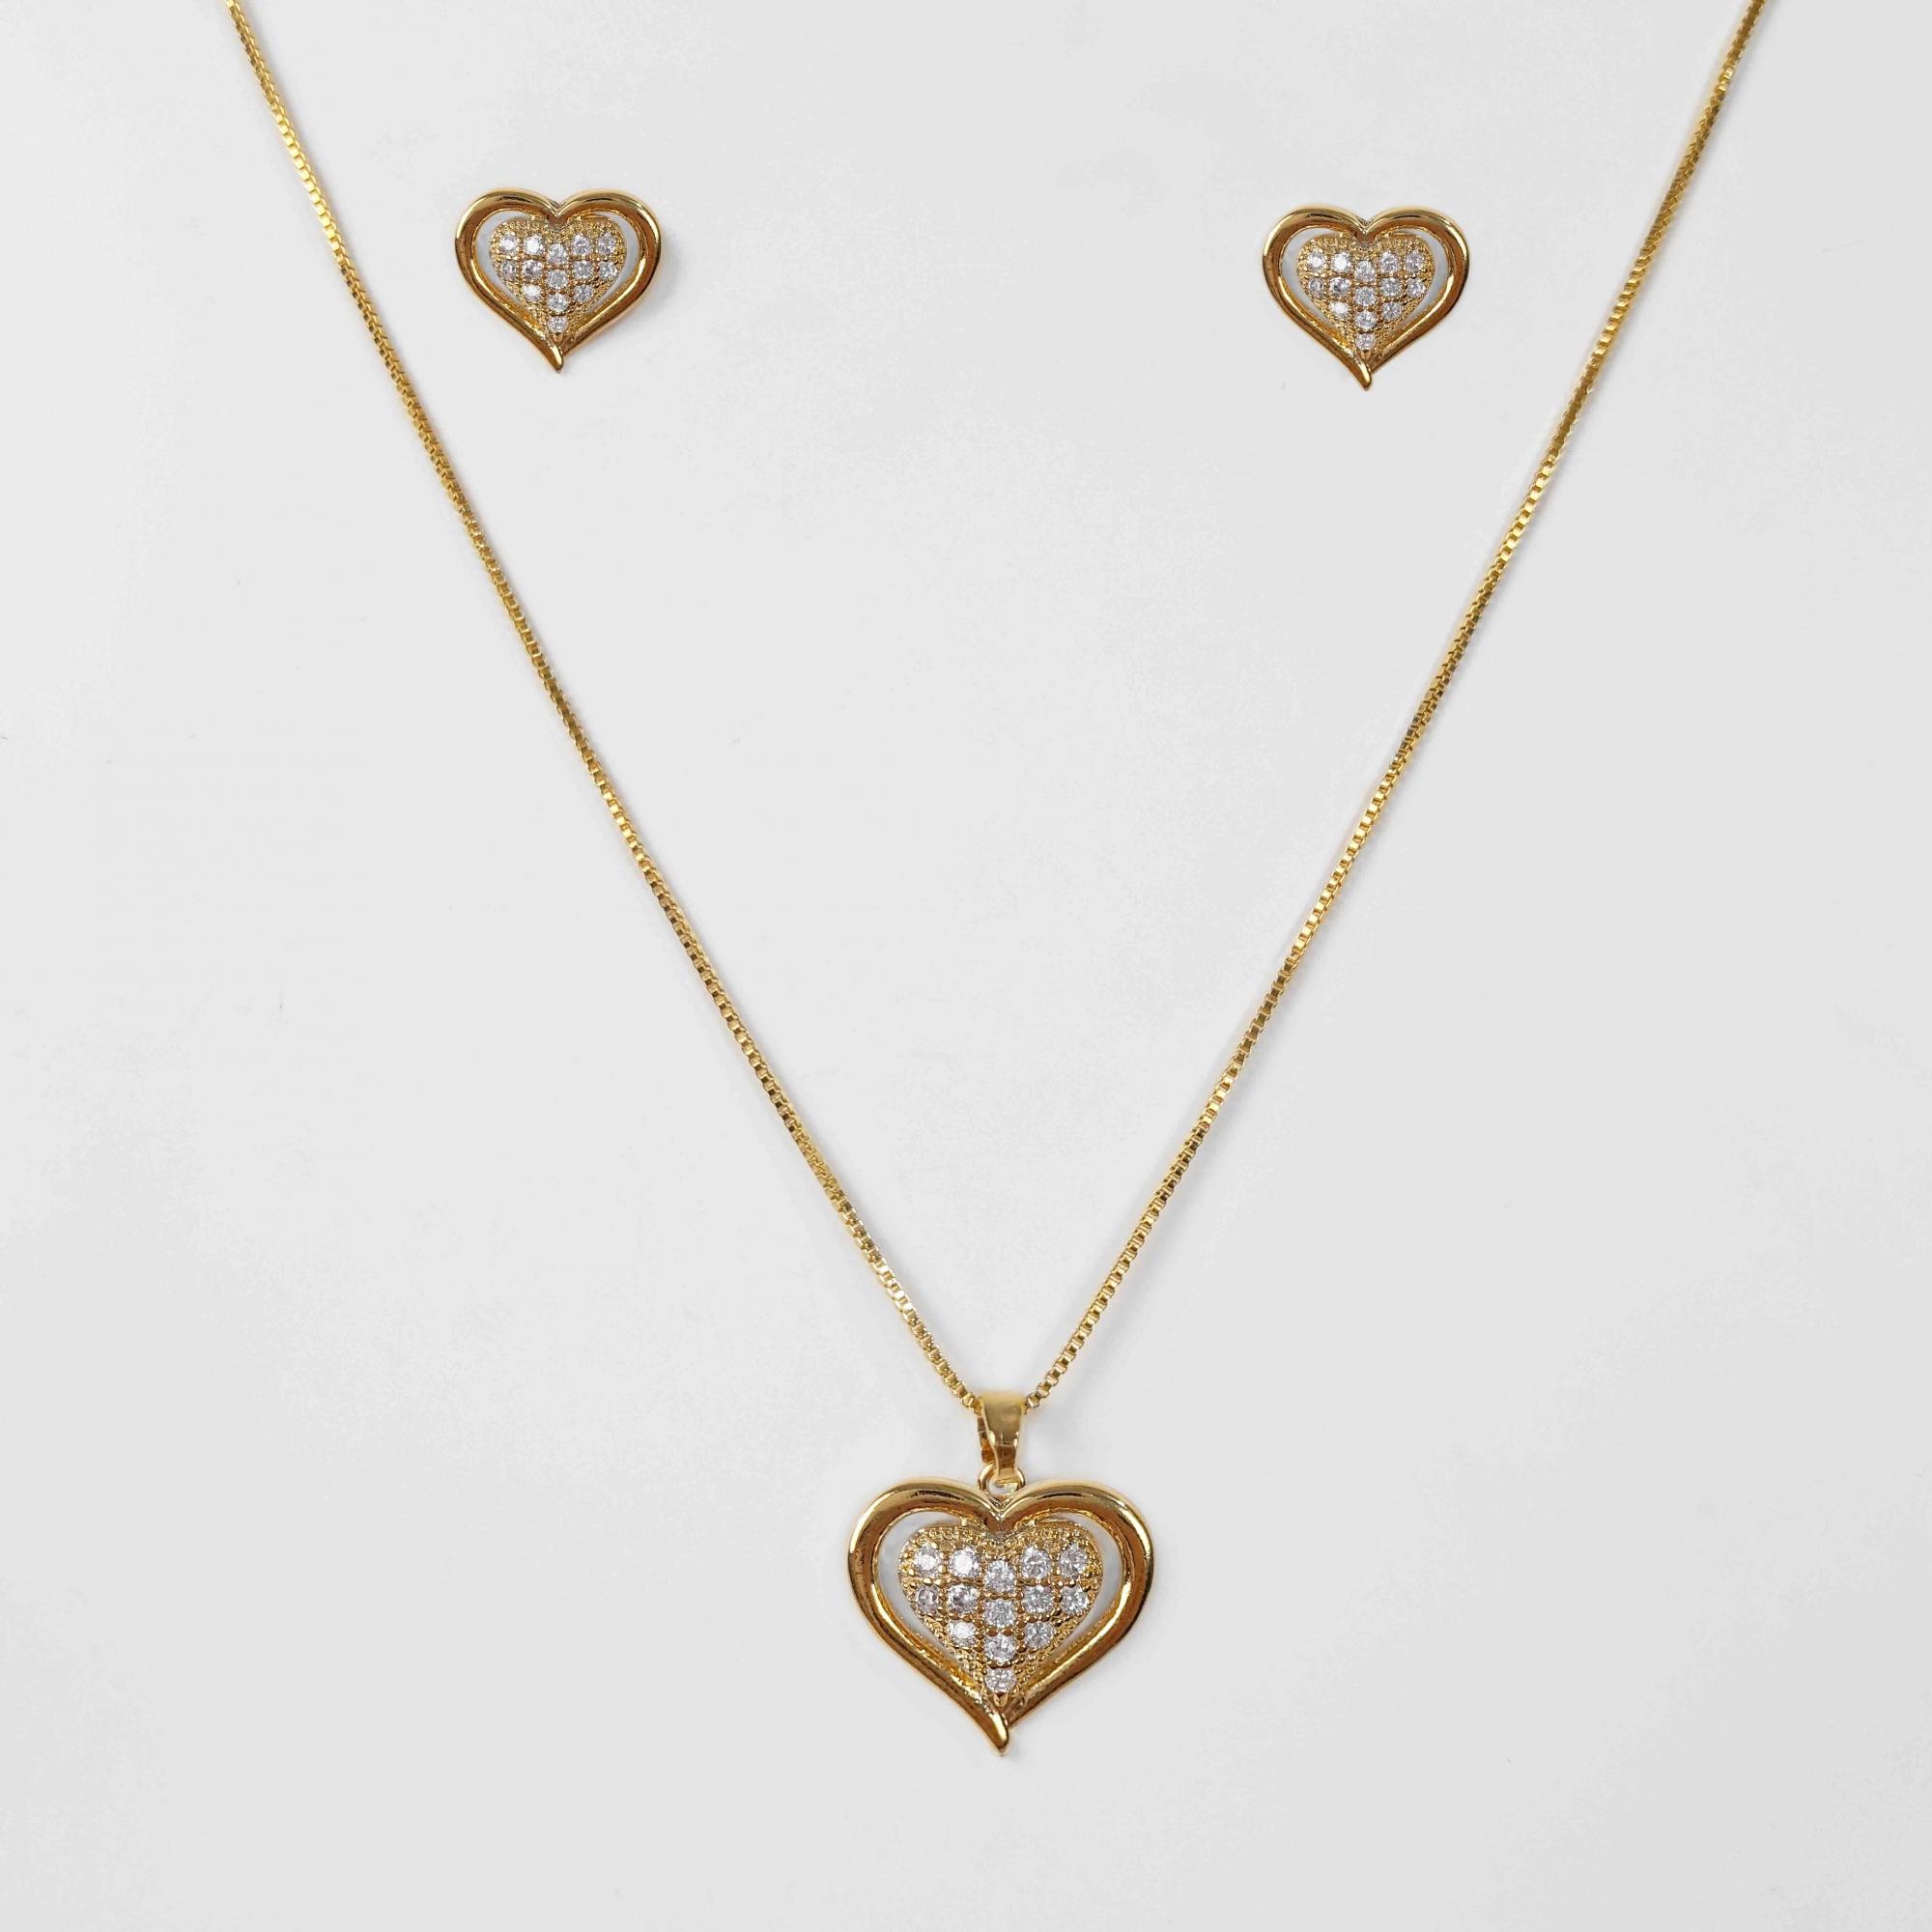 Conjunto Coração Duplo Cravejado Zircônias Folheado Ouro 18K  - Lunozê Joias